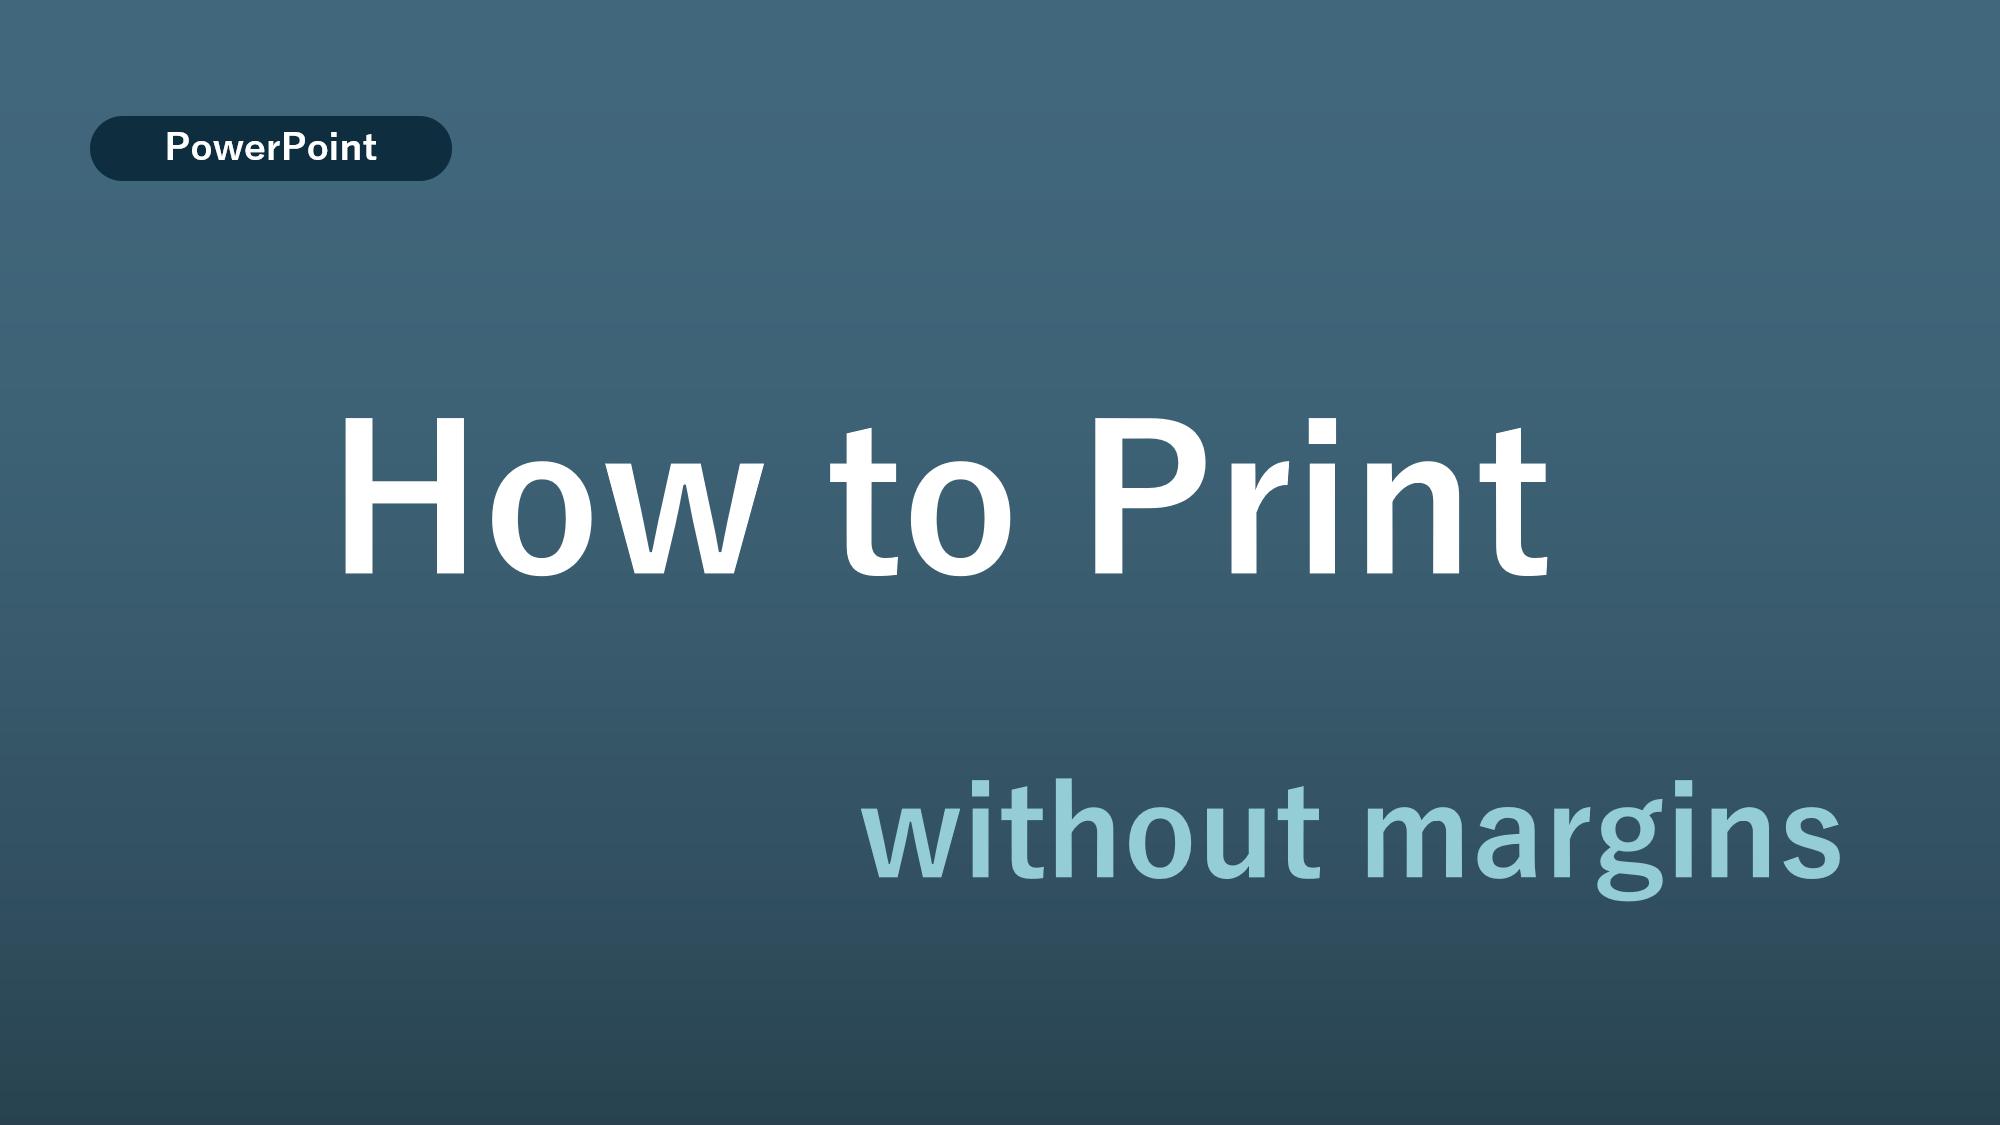 パワポ印刷活用術!余白なしや余白を調整して印刷する方法【PowerPoint】⓪